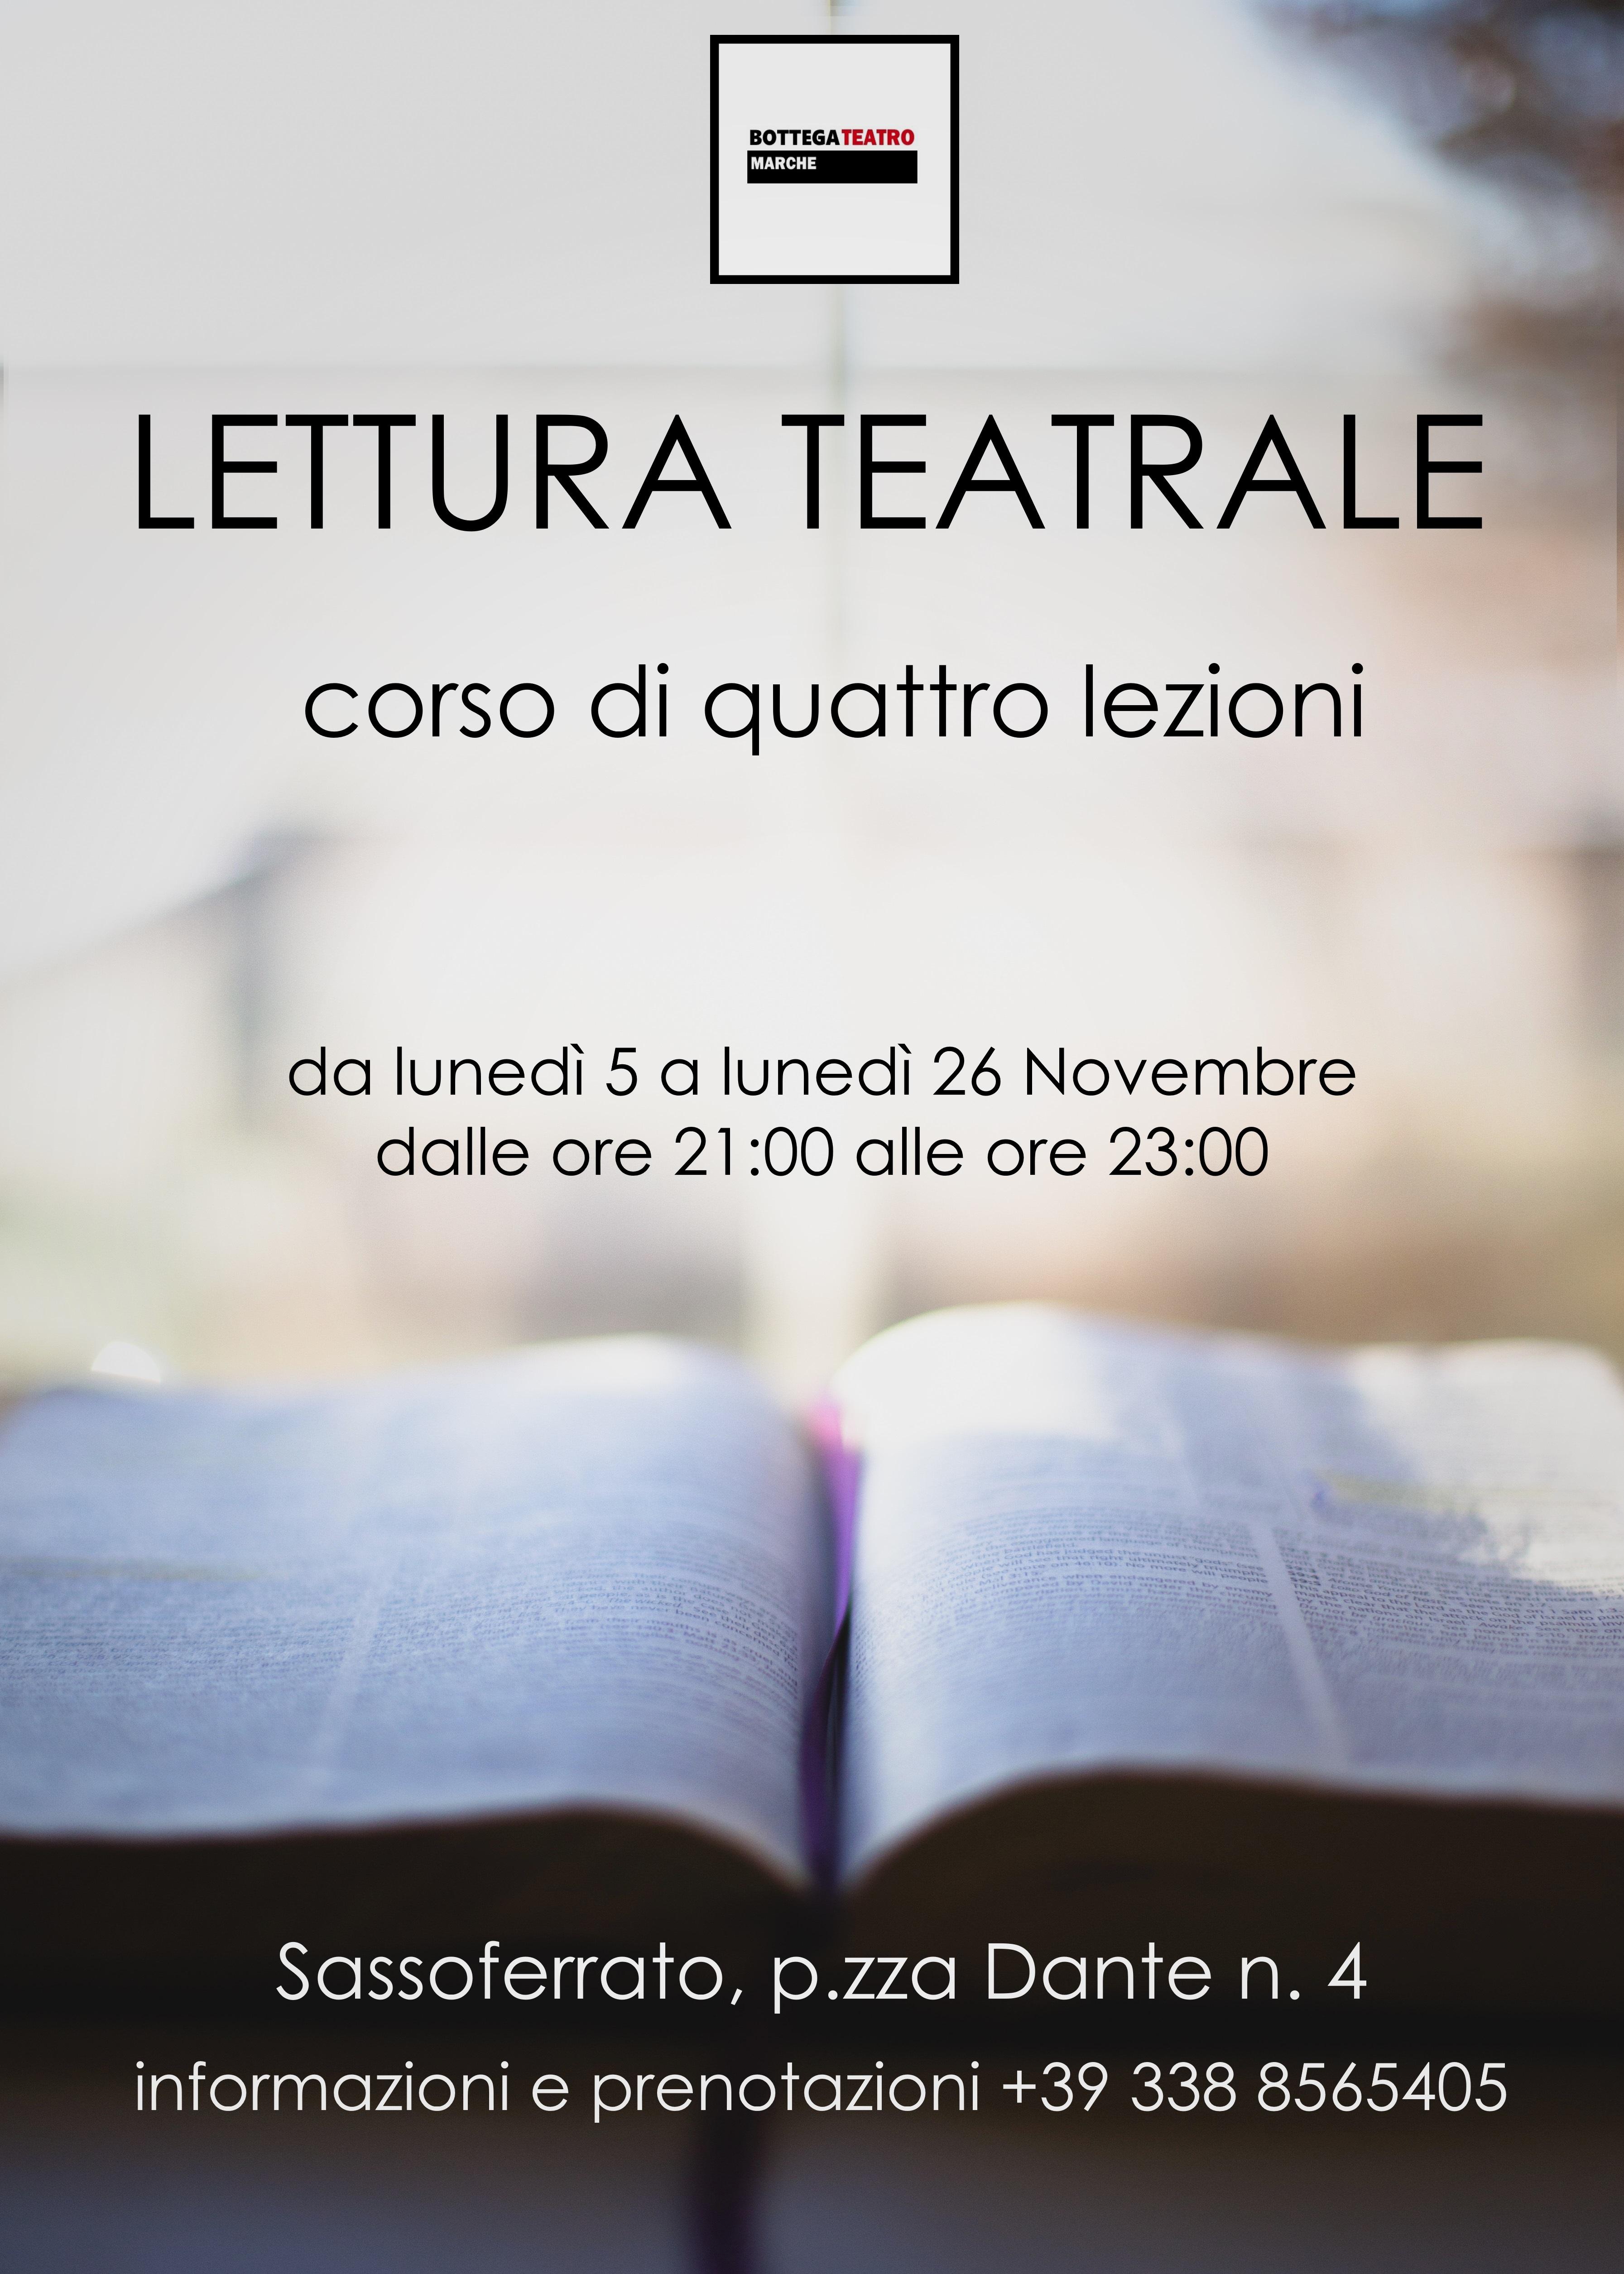 Volantino_corso_lettura_teatrale